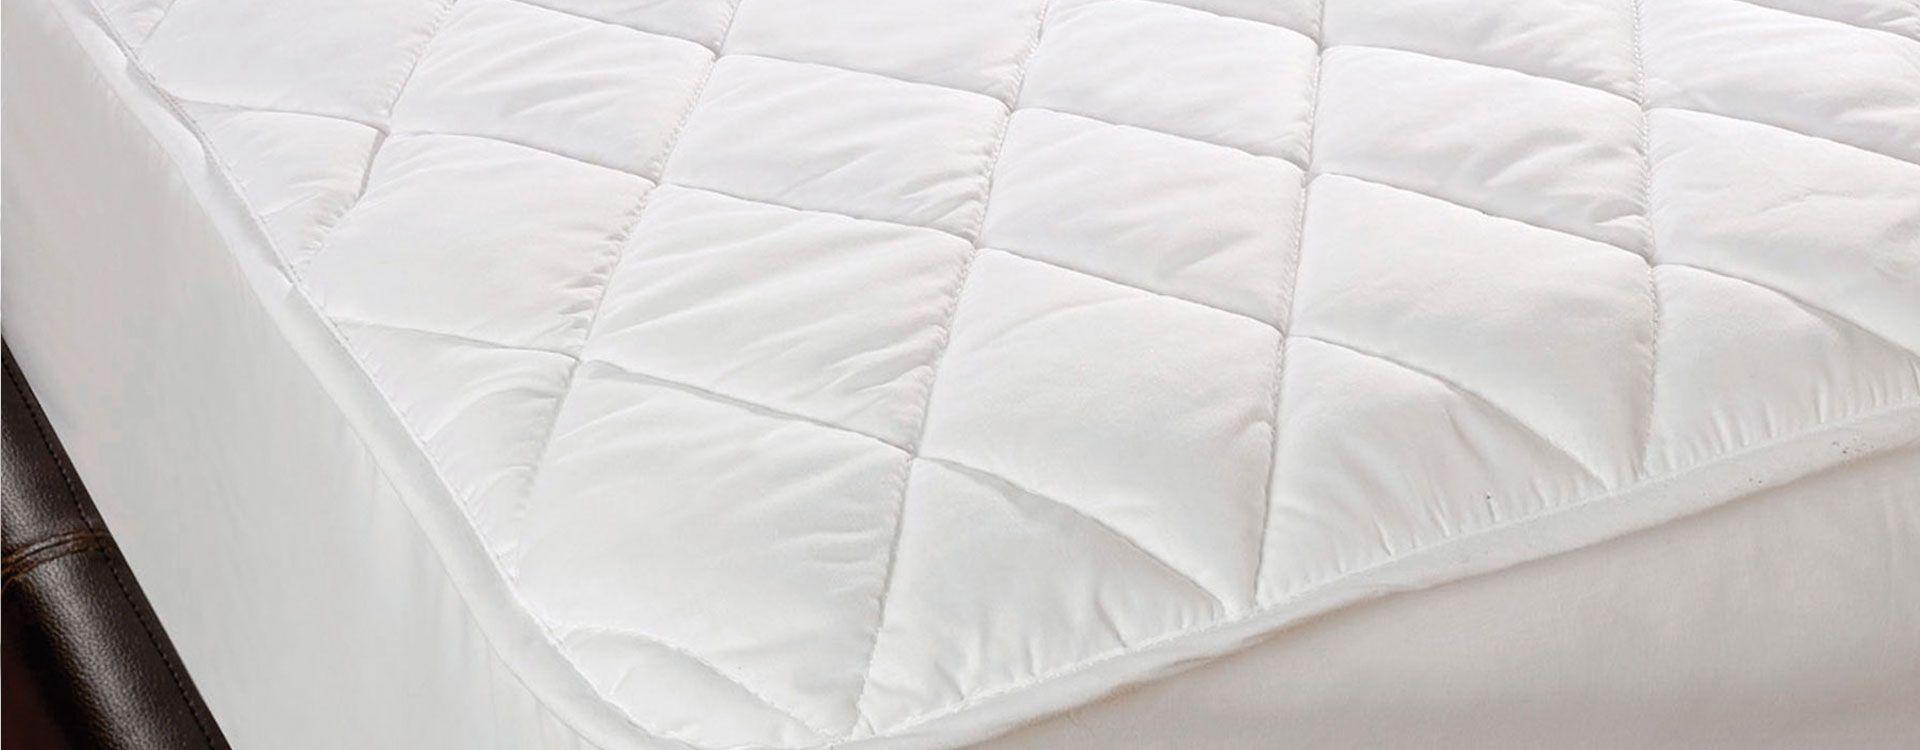 Cheap Pillows Mattress Protectors